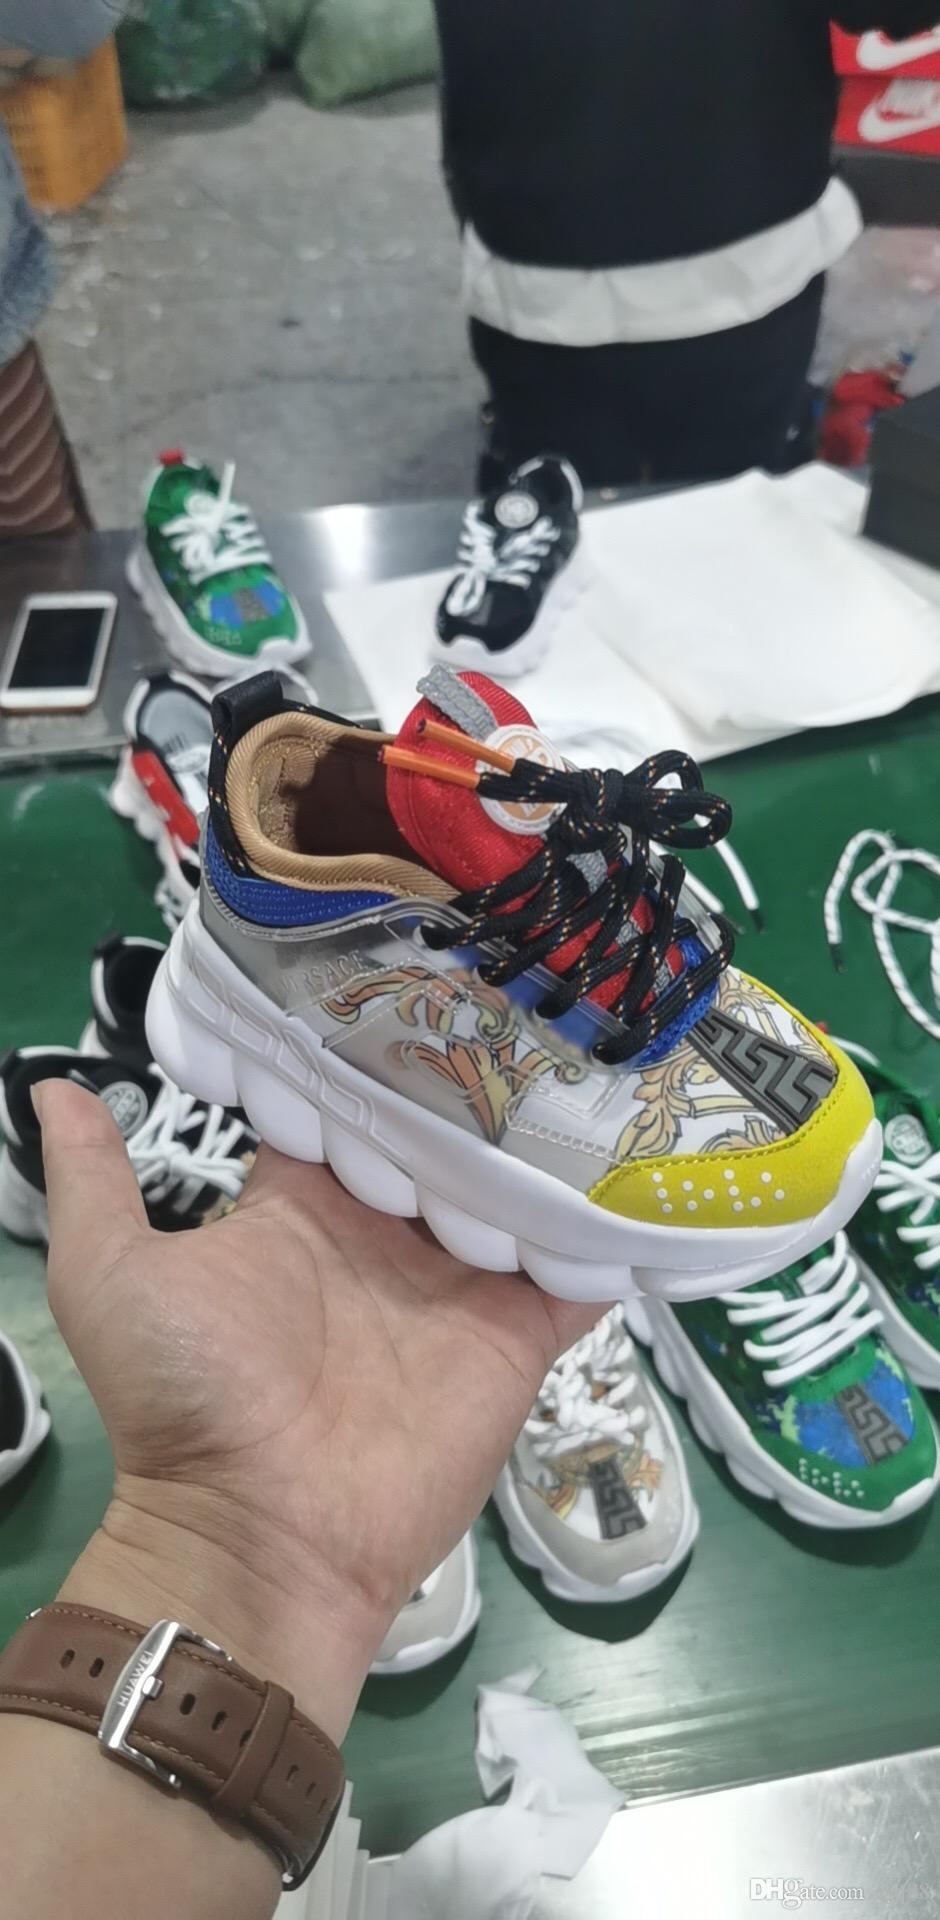 Versace 2020 zapatos de los niños de las muchachas de los deportes clásicos para niños de alta calidad de los zapatos corrientes del niño de las zapatillas de deporte Correr 28-35